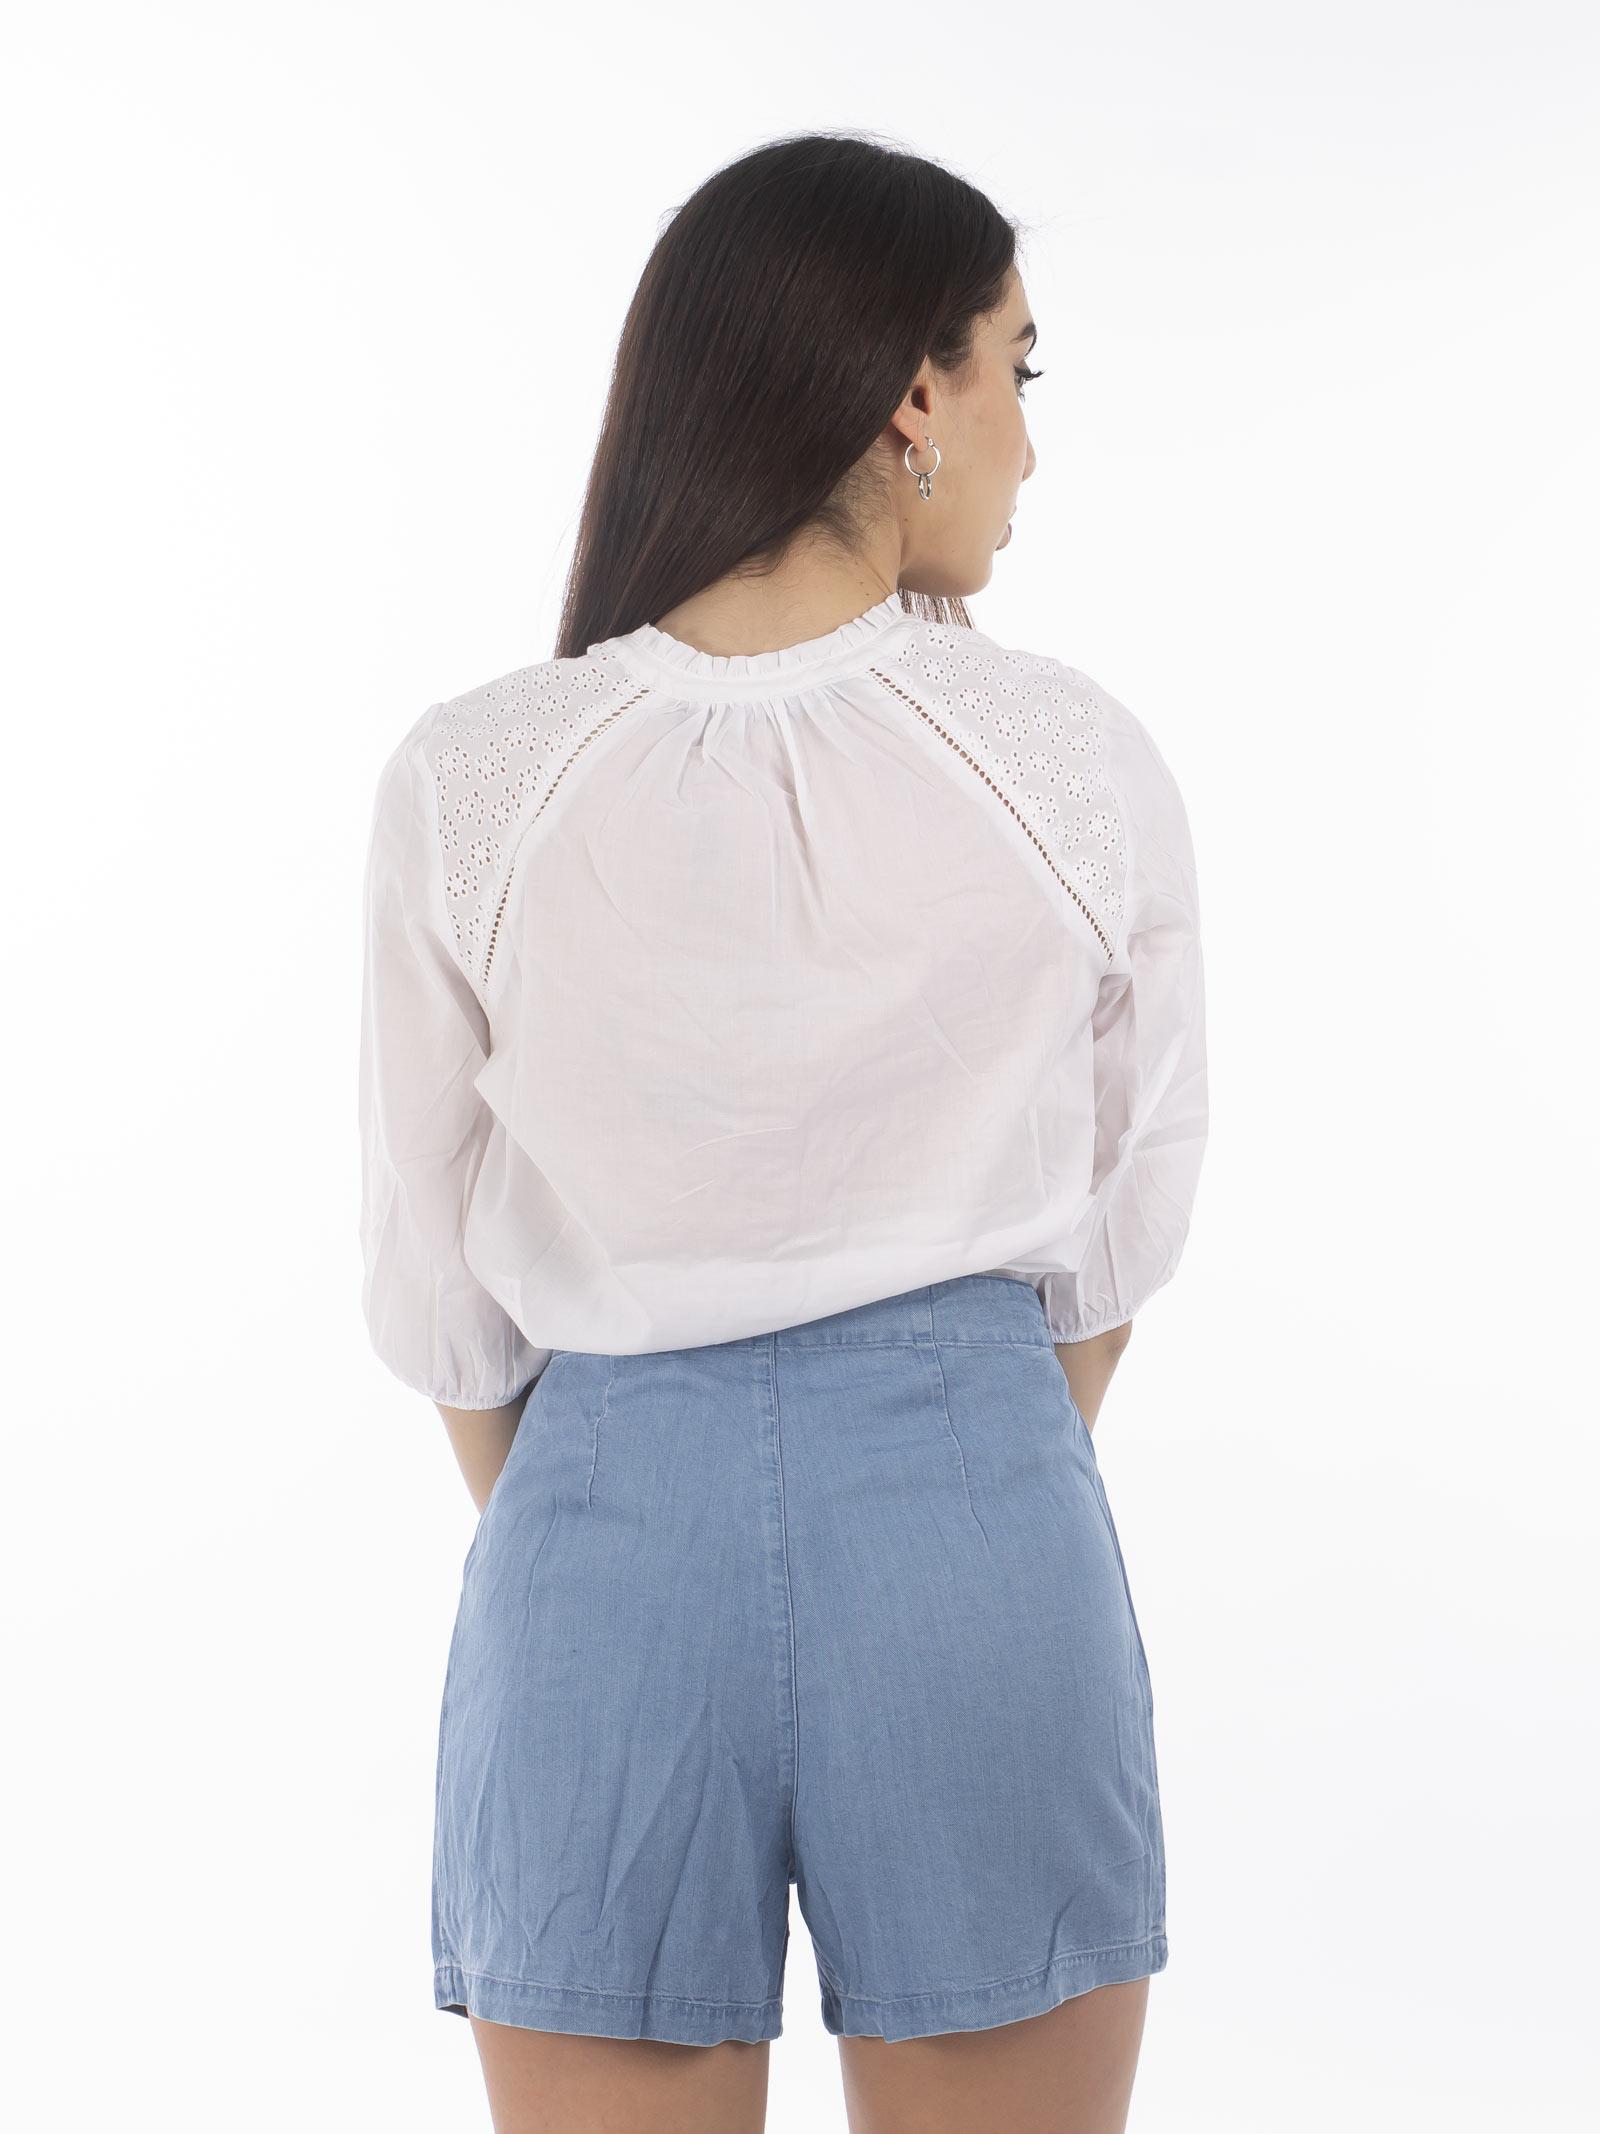 VERO MODA | Shirts | 10225958BIANCO